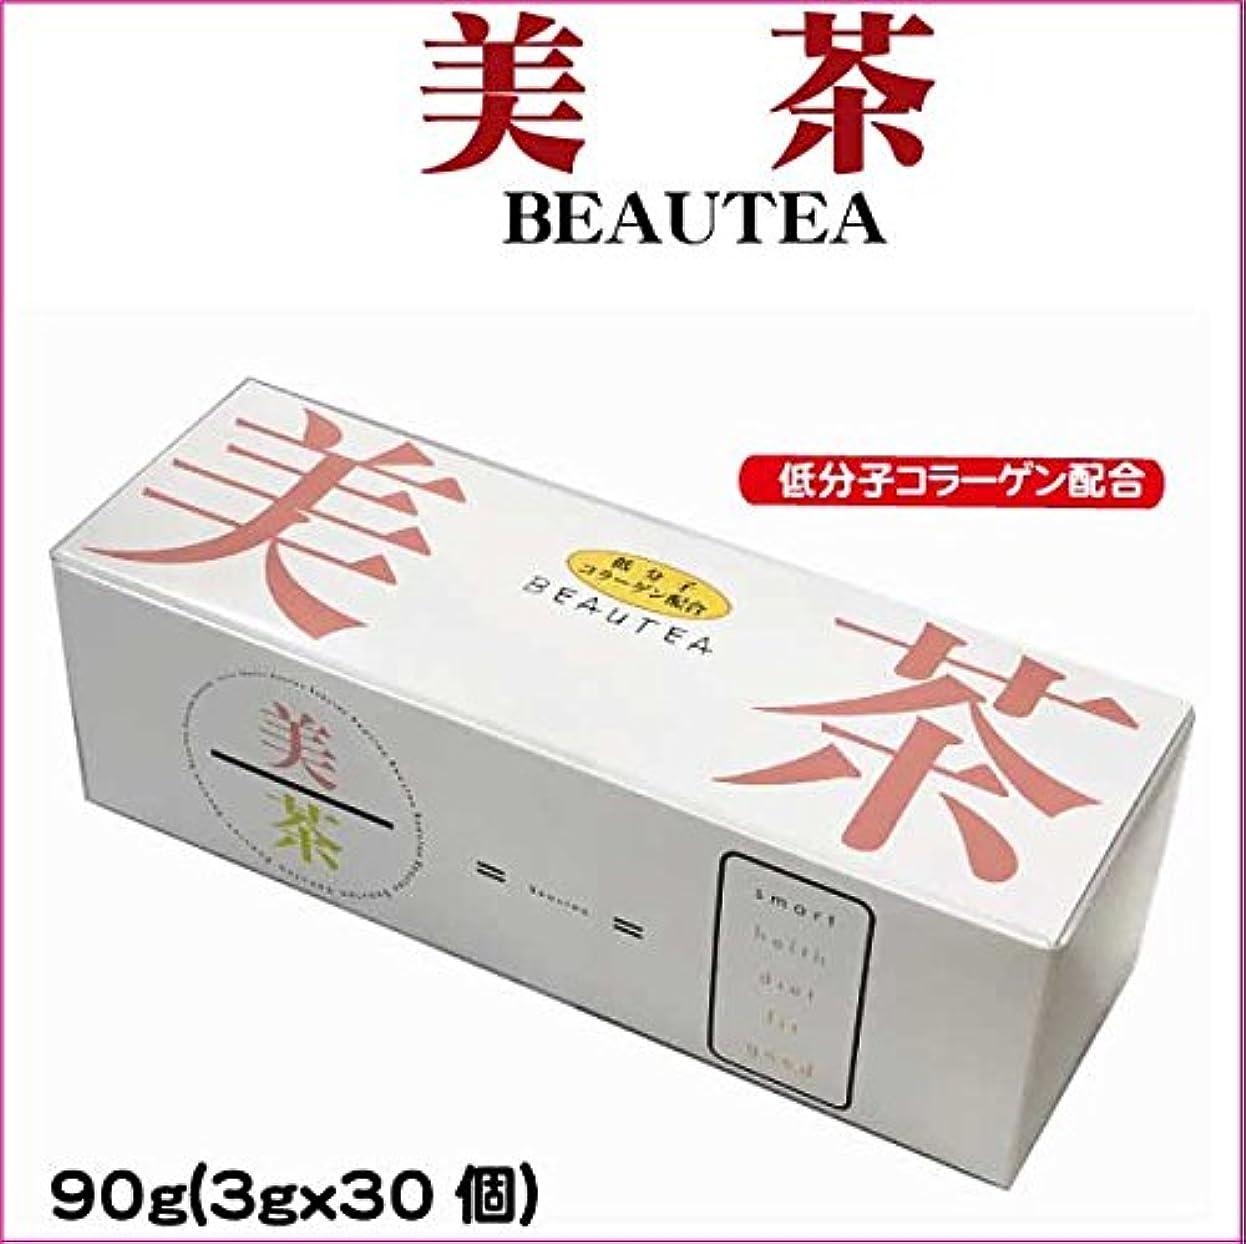 嵐のシャンパントランペットダイエット茶  美茶(beautea)  ほうじ茶ベース?3gX30包み 1箱